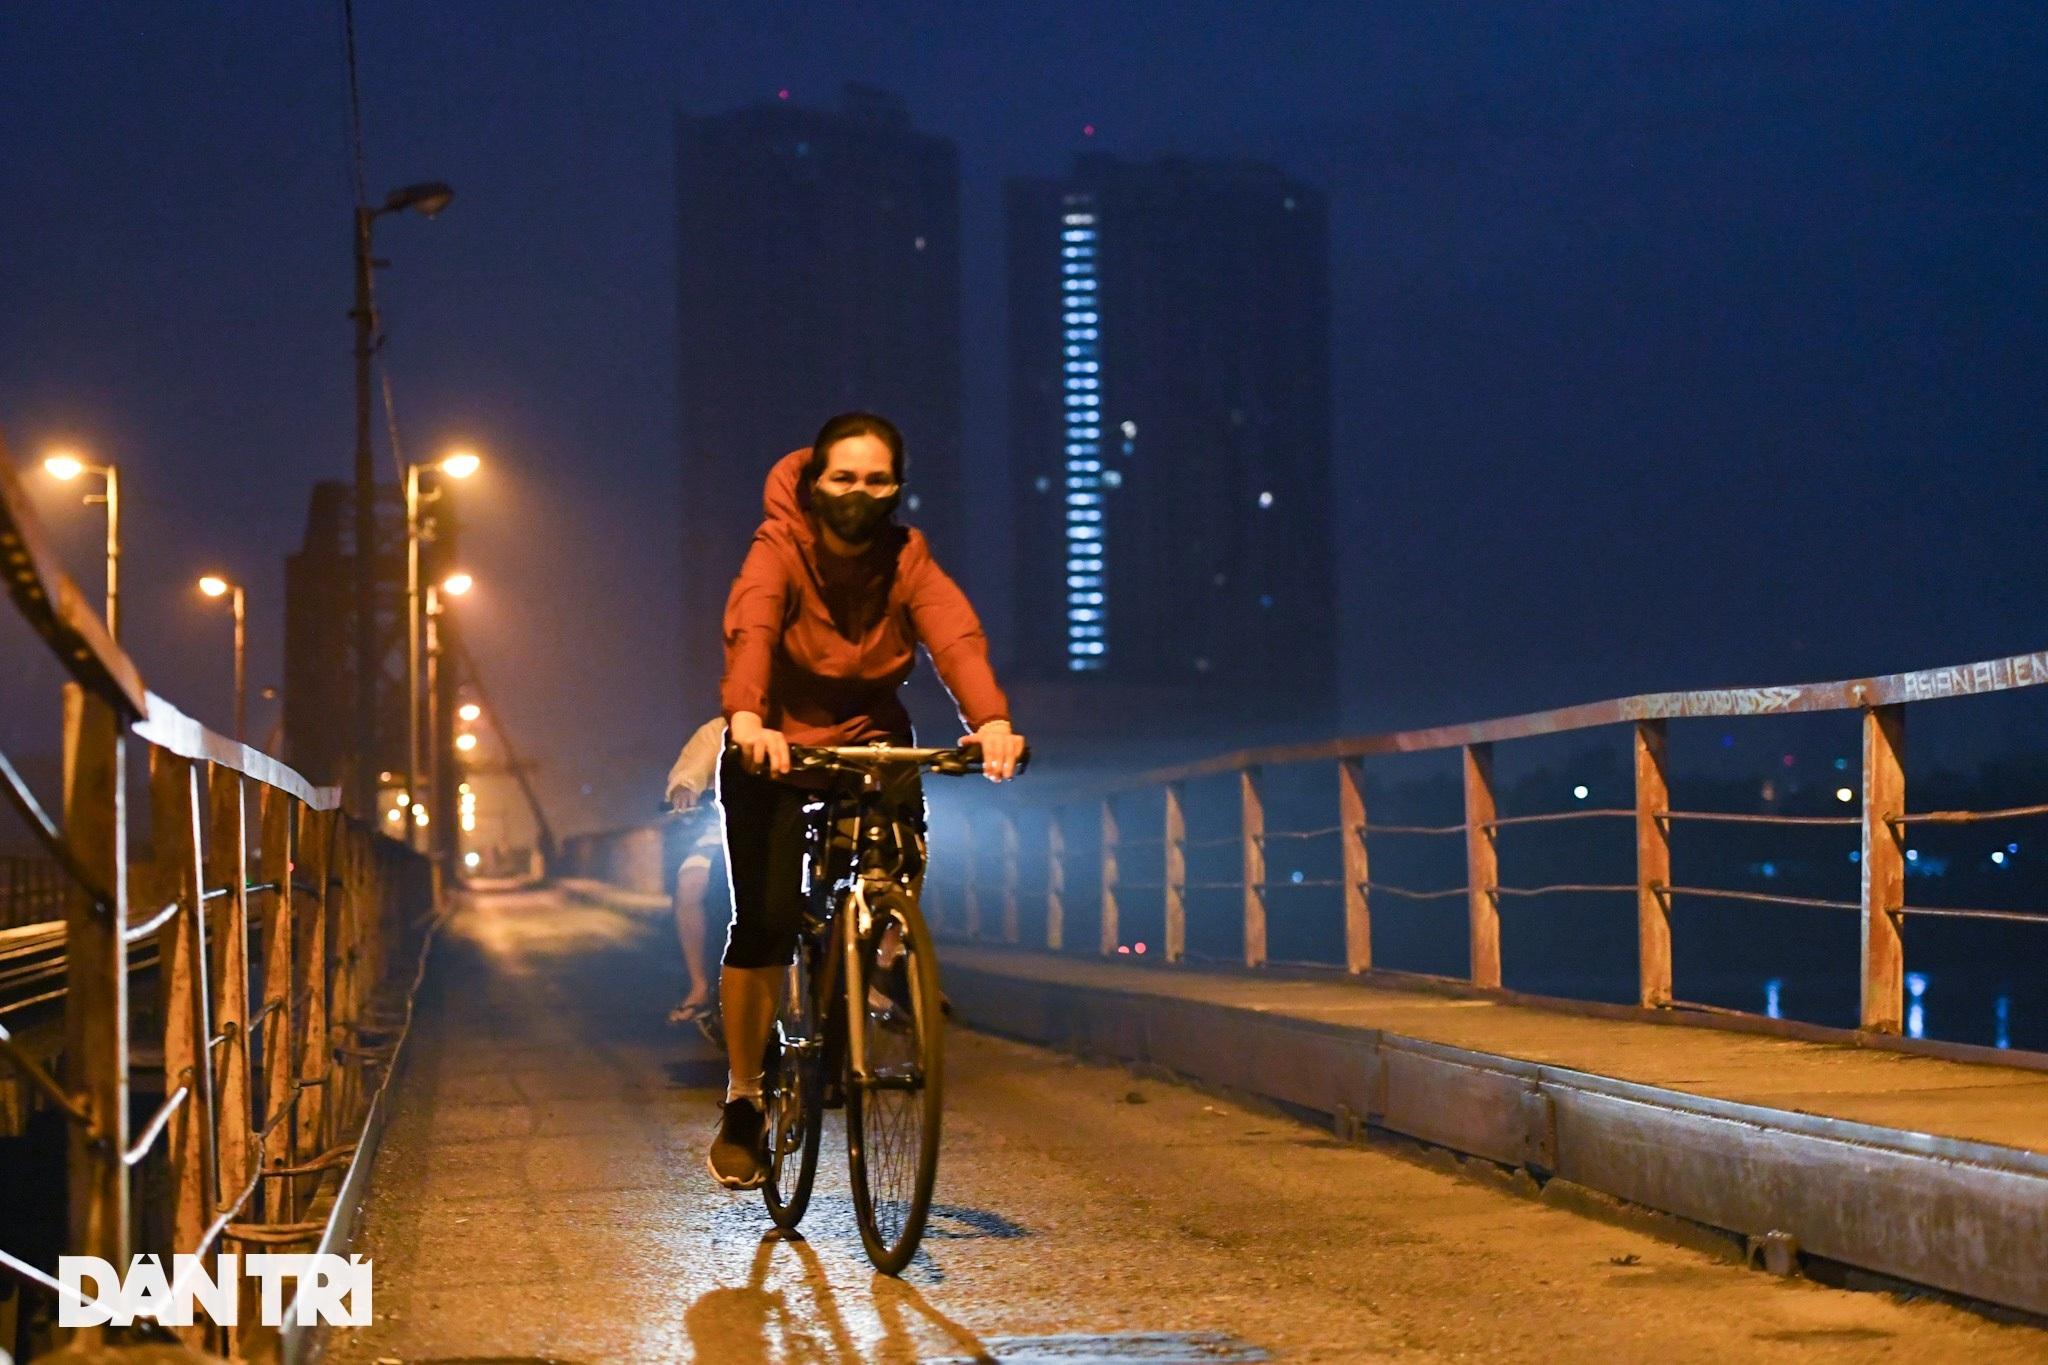 Sau nới lỏng, người dân Hà Nội đổ ra đường tập thể dục từ tờ mờ sáng - 1